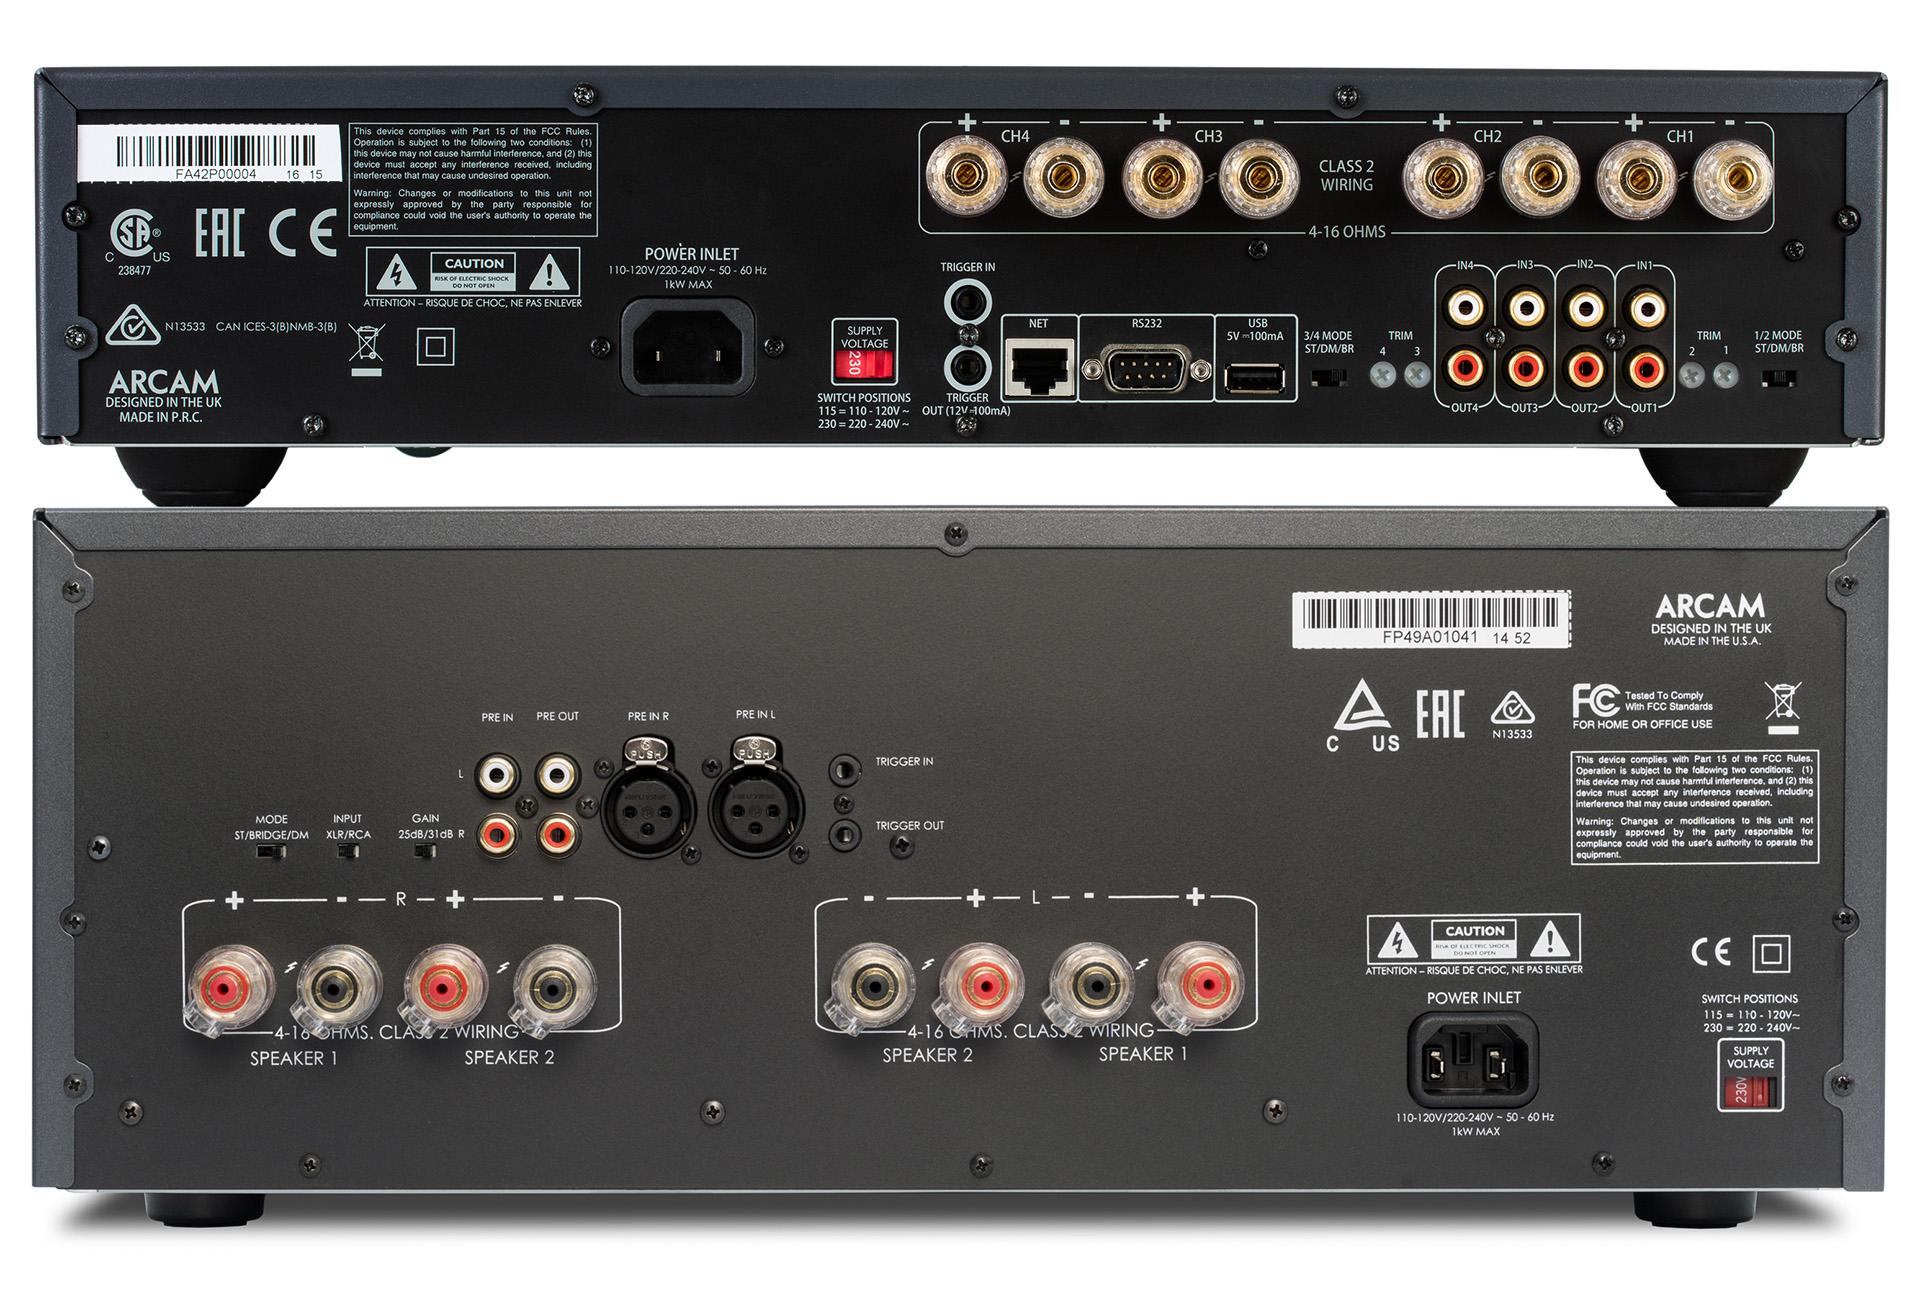 Четырёхканальный оконечный усилитель P429 (вверху) соединяется с процессором через разъёмы RCA. USB служит исключительно для обновления программного обеспечения, а через гнездо Ethernet осуществляется управление по сети. Оконечный стереоусилитель P49 (внизу) в числе прочего допускает подключение по схеме bi-wiring. Подключение к процессору осуществляется через разъёмы RCA и XLR.